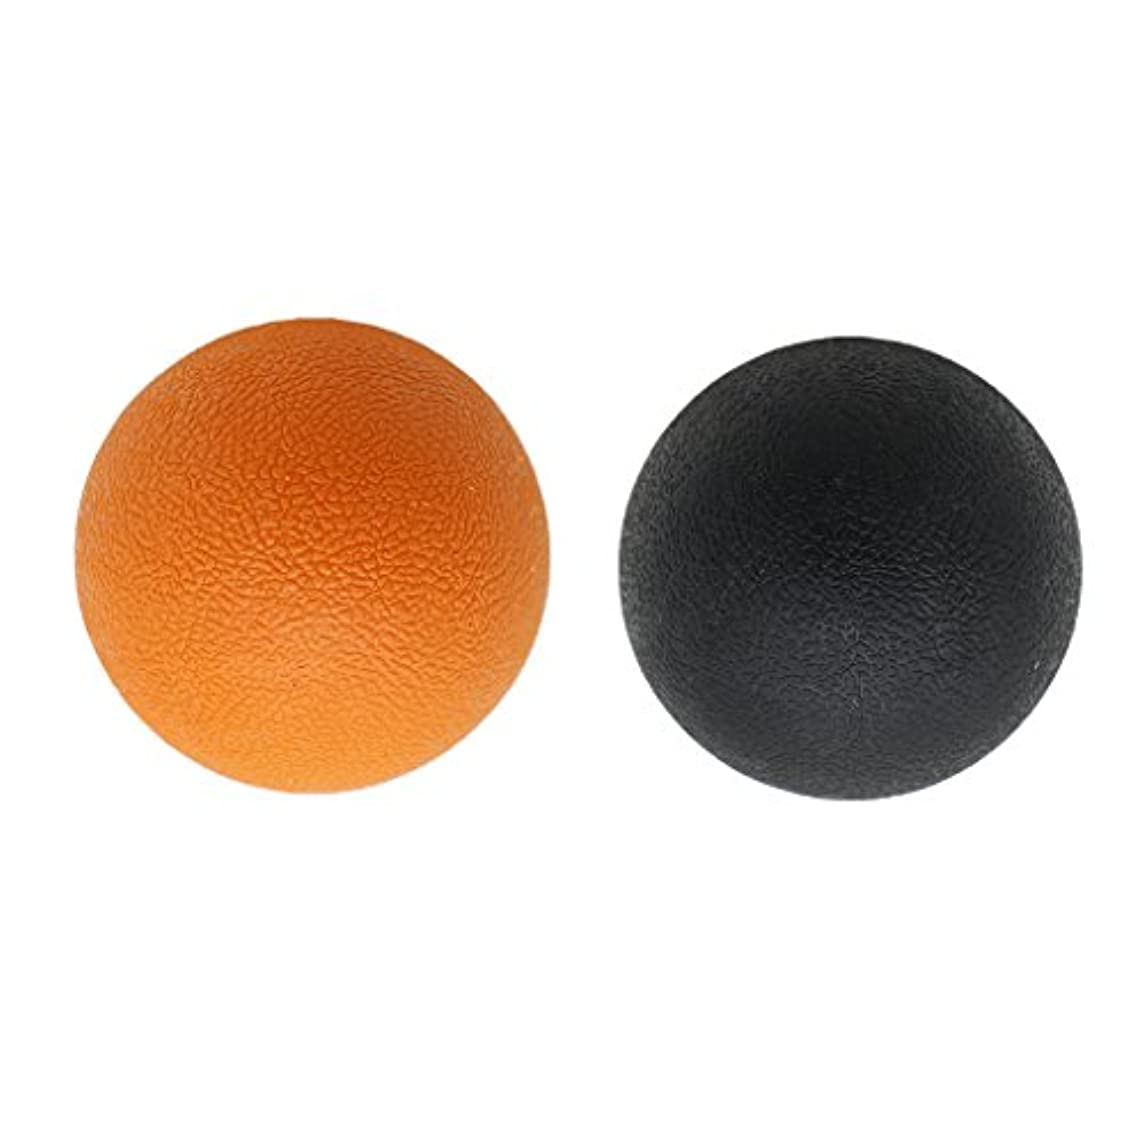 歌詞正直肖像画Baoblaze 2個 マッサージボール ラクロスボール トリガ ポイントマッサージ 弾性TPE 多色選べる - オレンジブラック